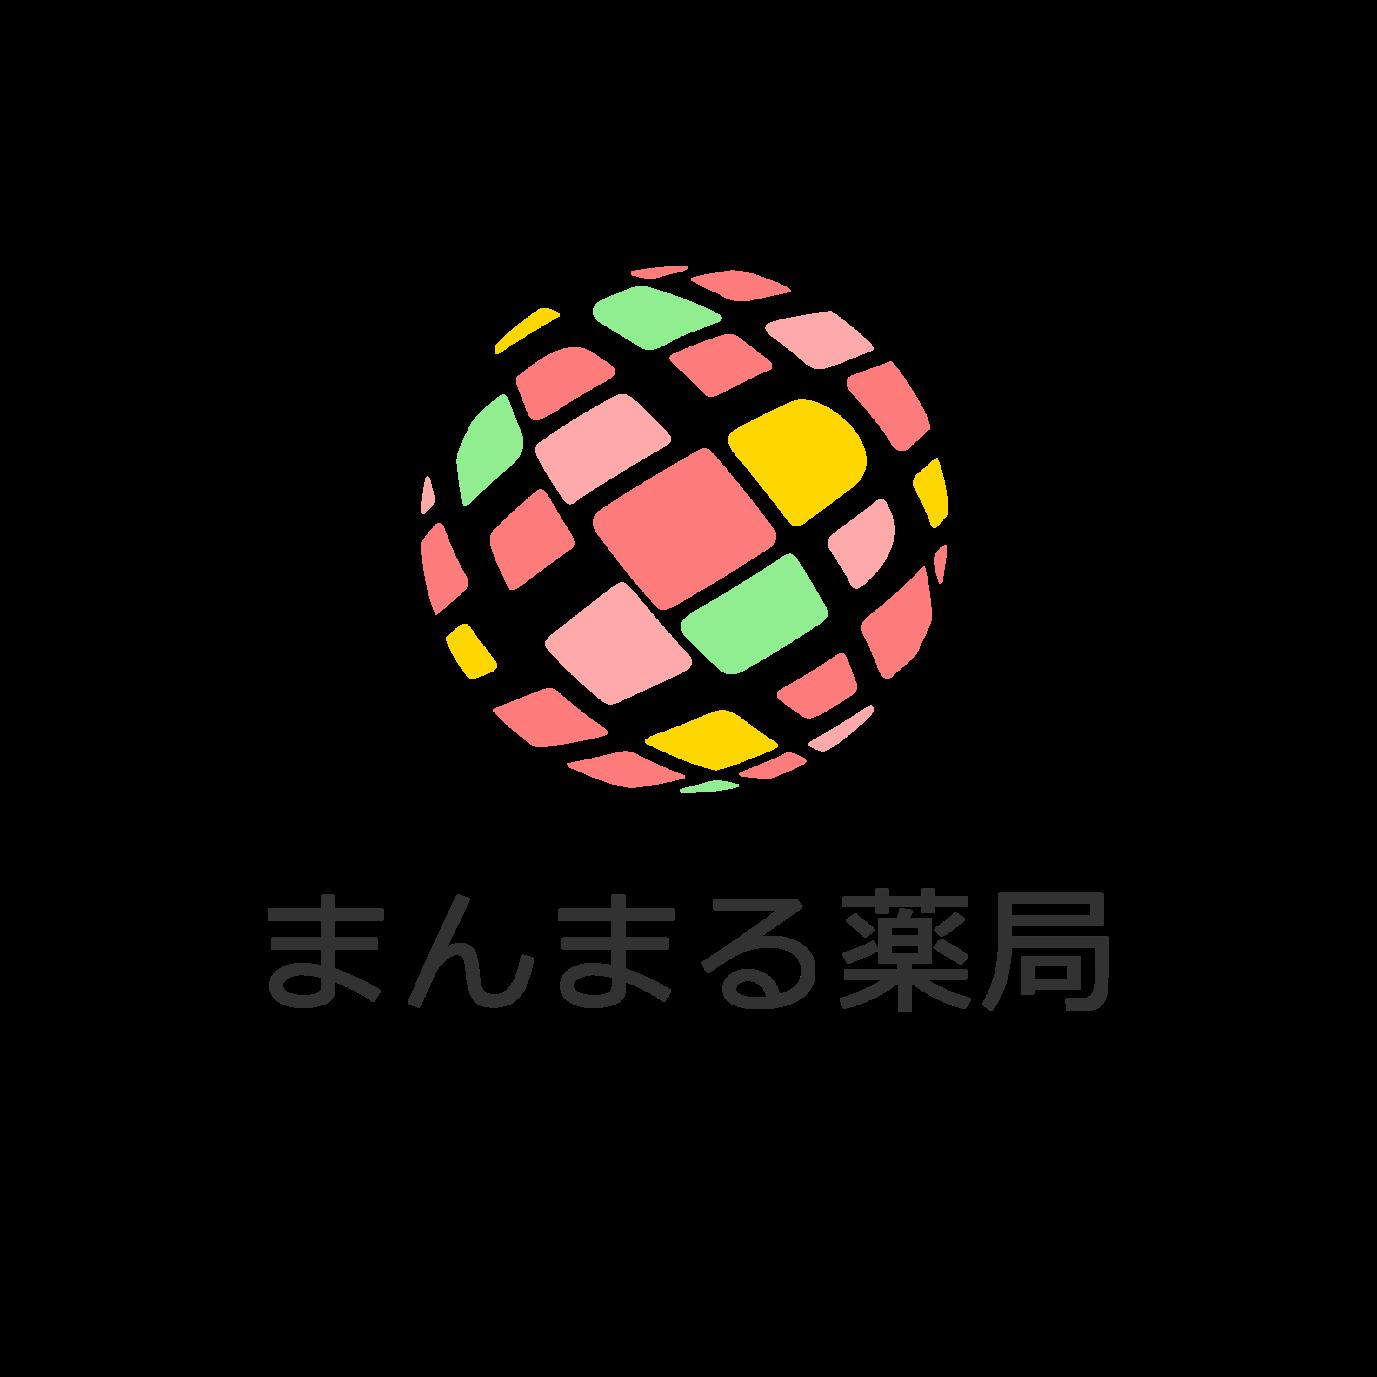 株式会社hitotofrom